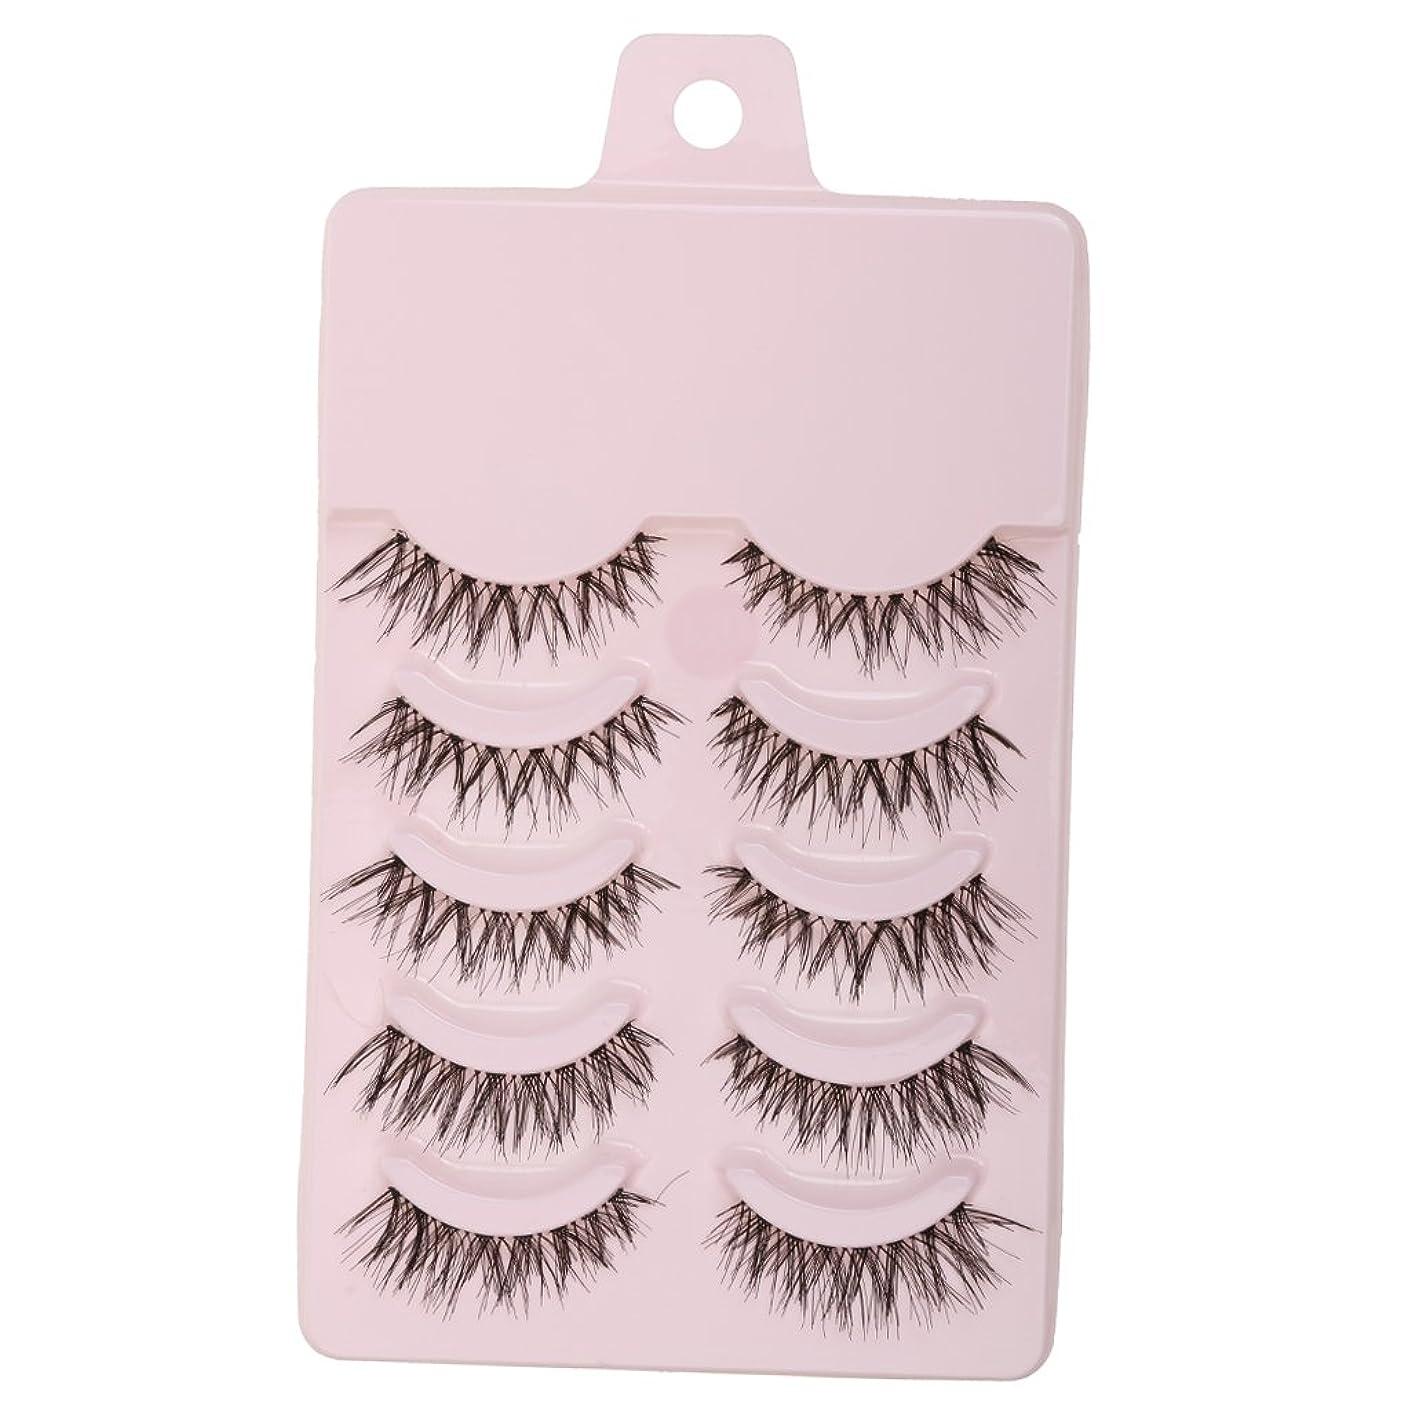 コンテンツタイムリーな構造的KOZEEY美容 メイク 手作り メッシー クロス スタイル つけまつげ 5色選ぶ - ピンク